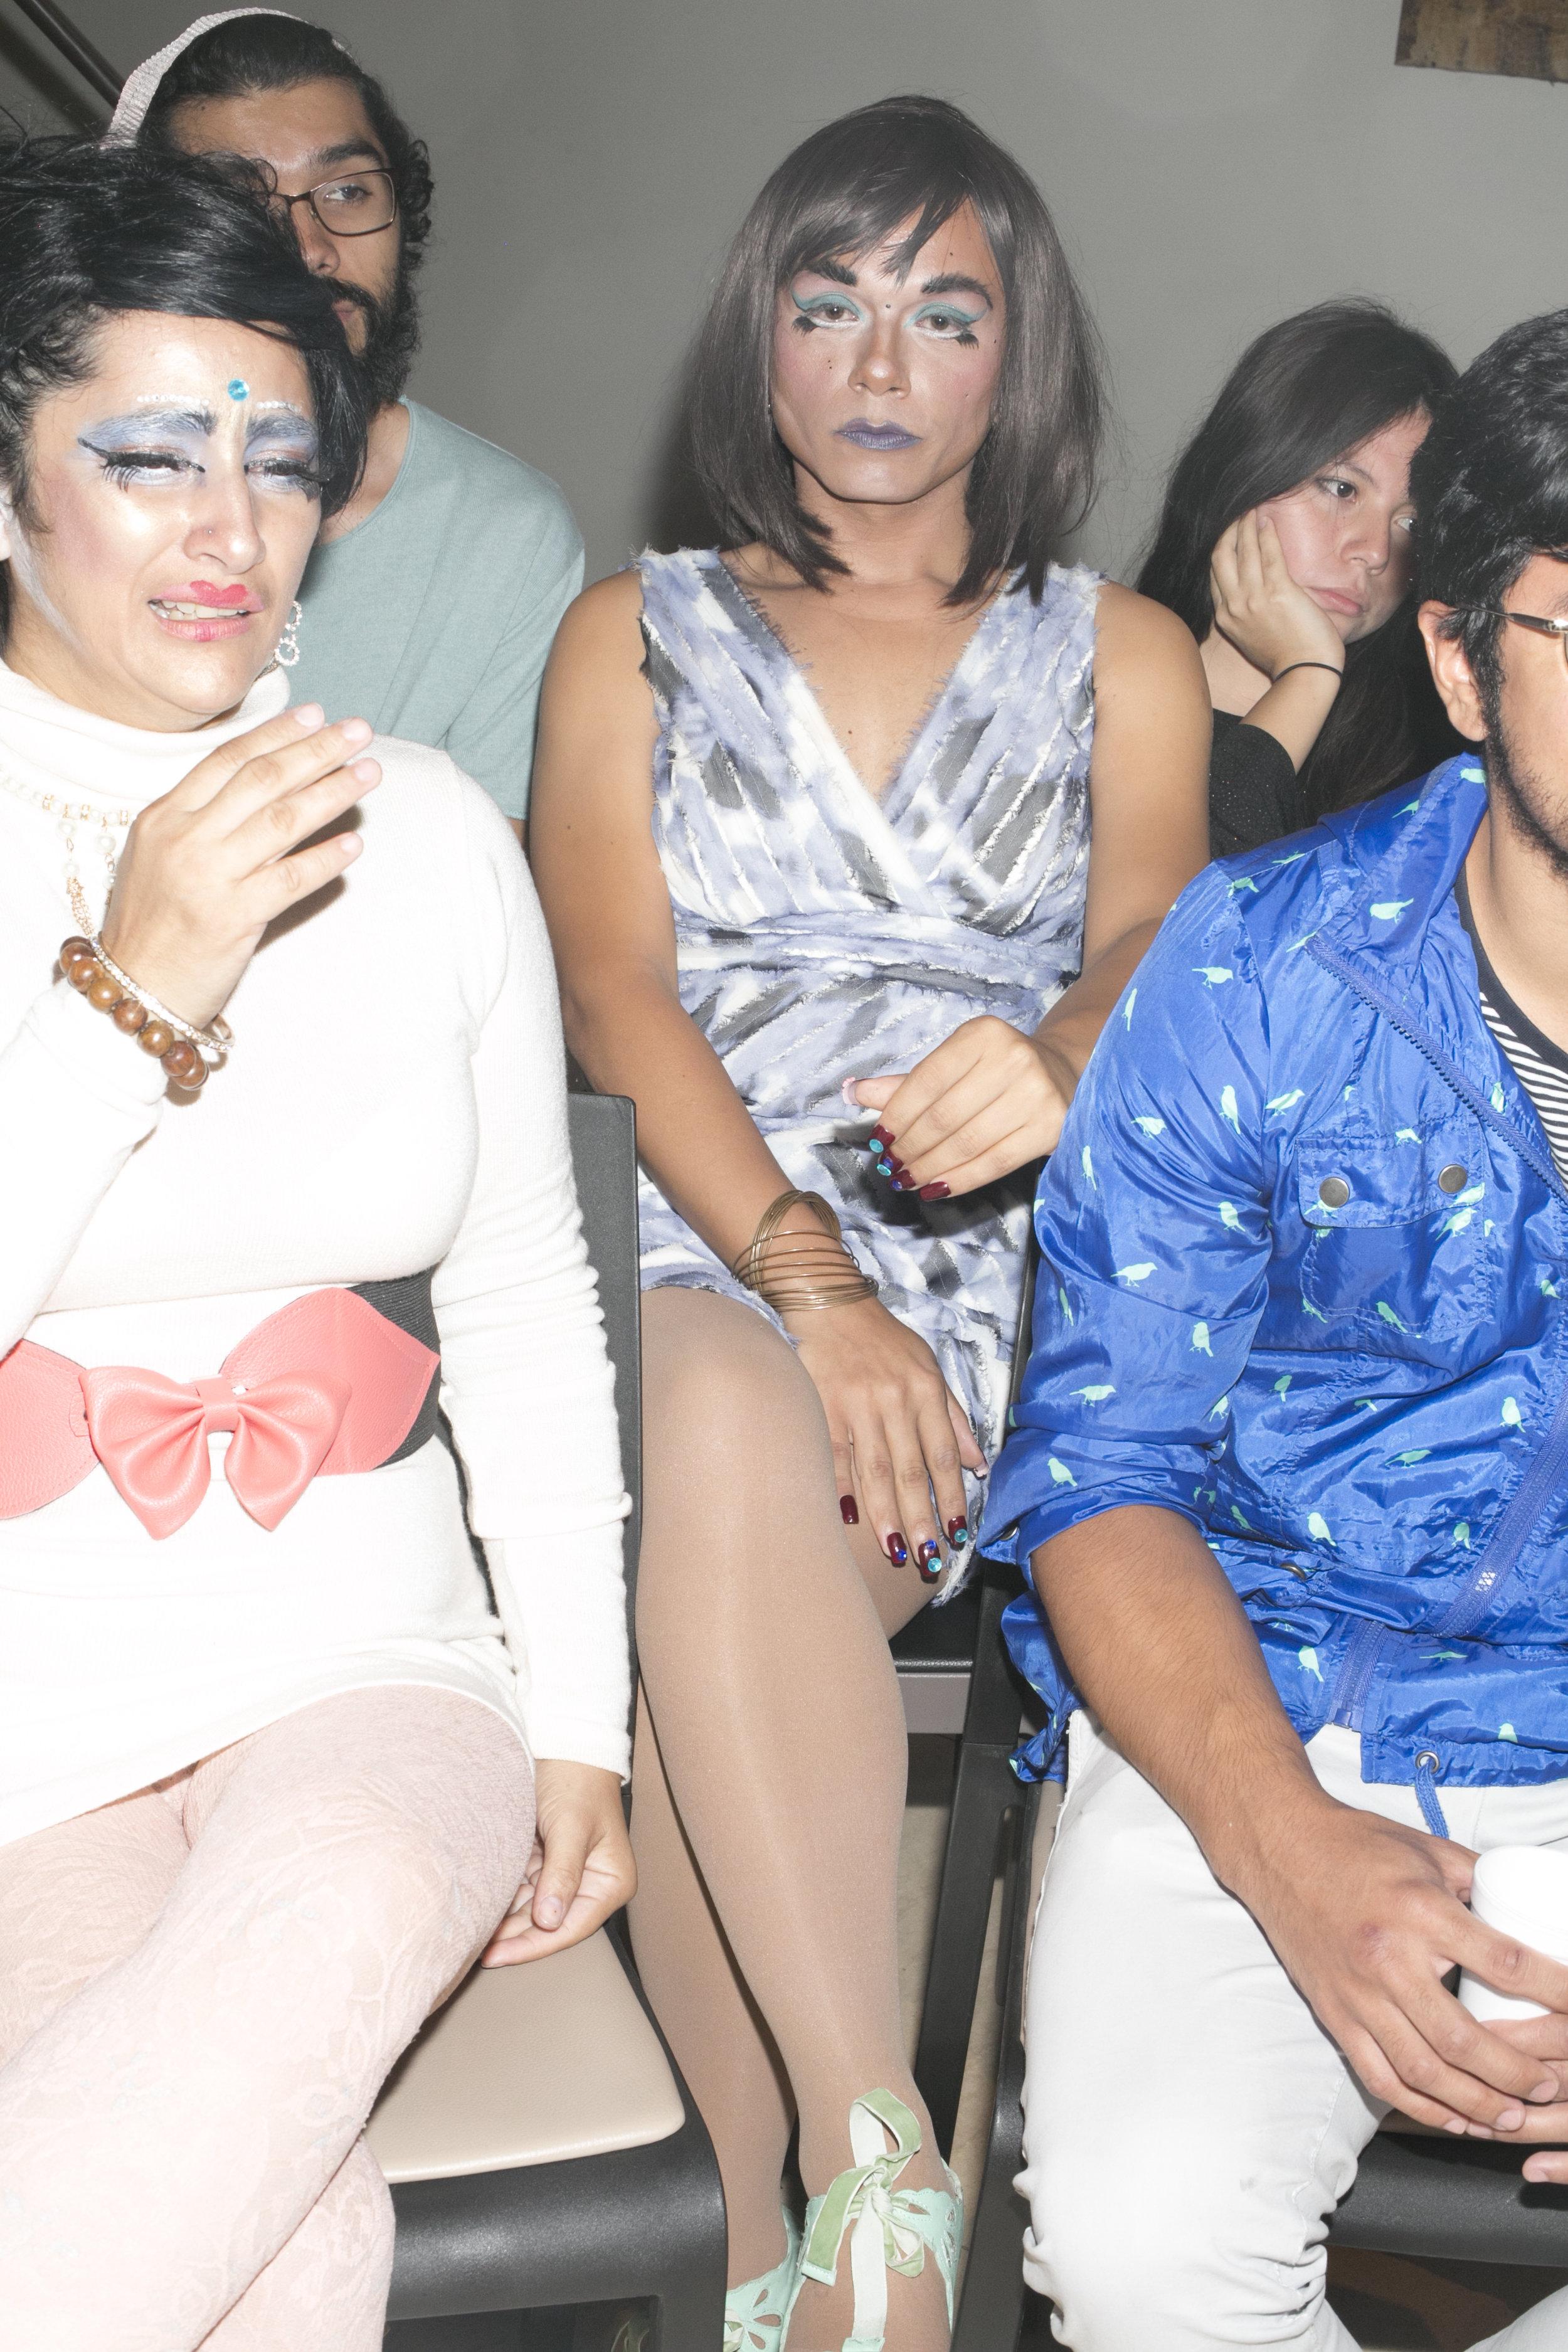 """NadiA se esfuerza por participar en eventos culturales pero se encuentra con que incluso las comunidades supuestamente """"abiertas"""" se muestran cerradas a ella. Esta noche, en un conversatorio sobre mujeres artistas, se sintió devastada al oír que no hay arte queer en El Salvador."""